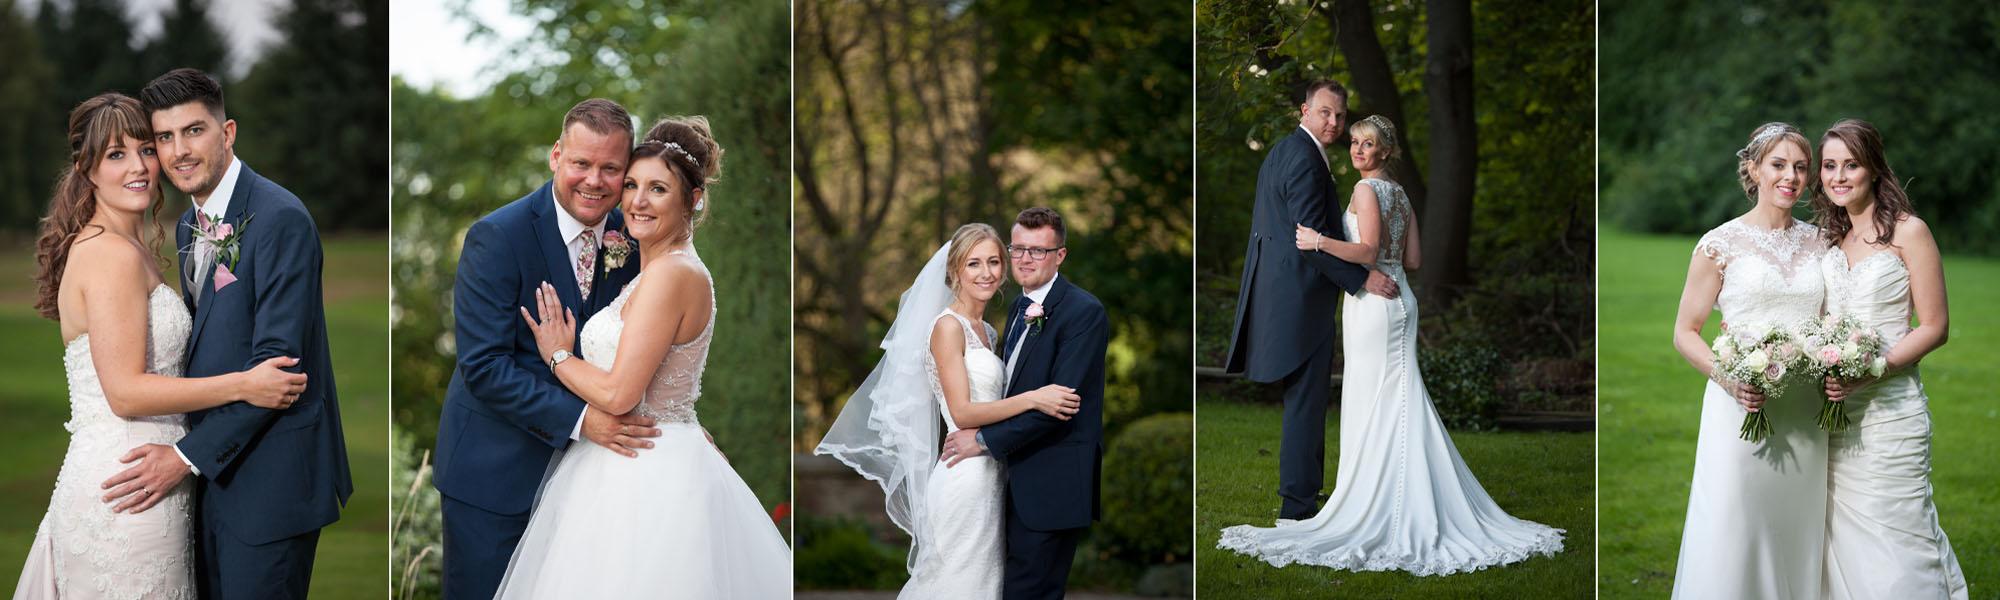 Leeds Wedding Photography - Kind Words